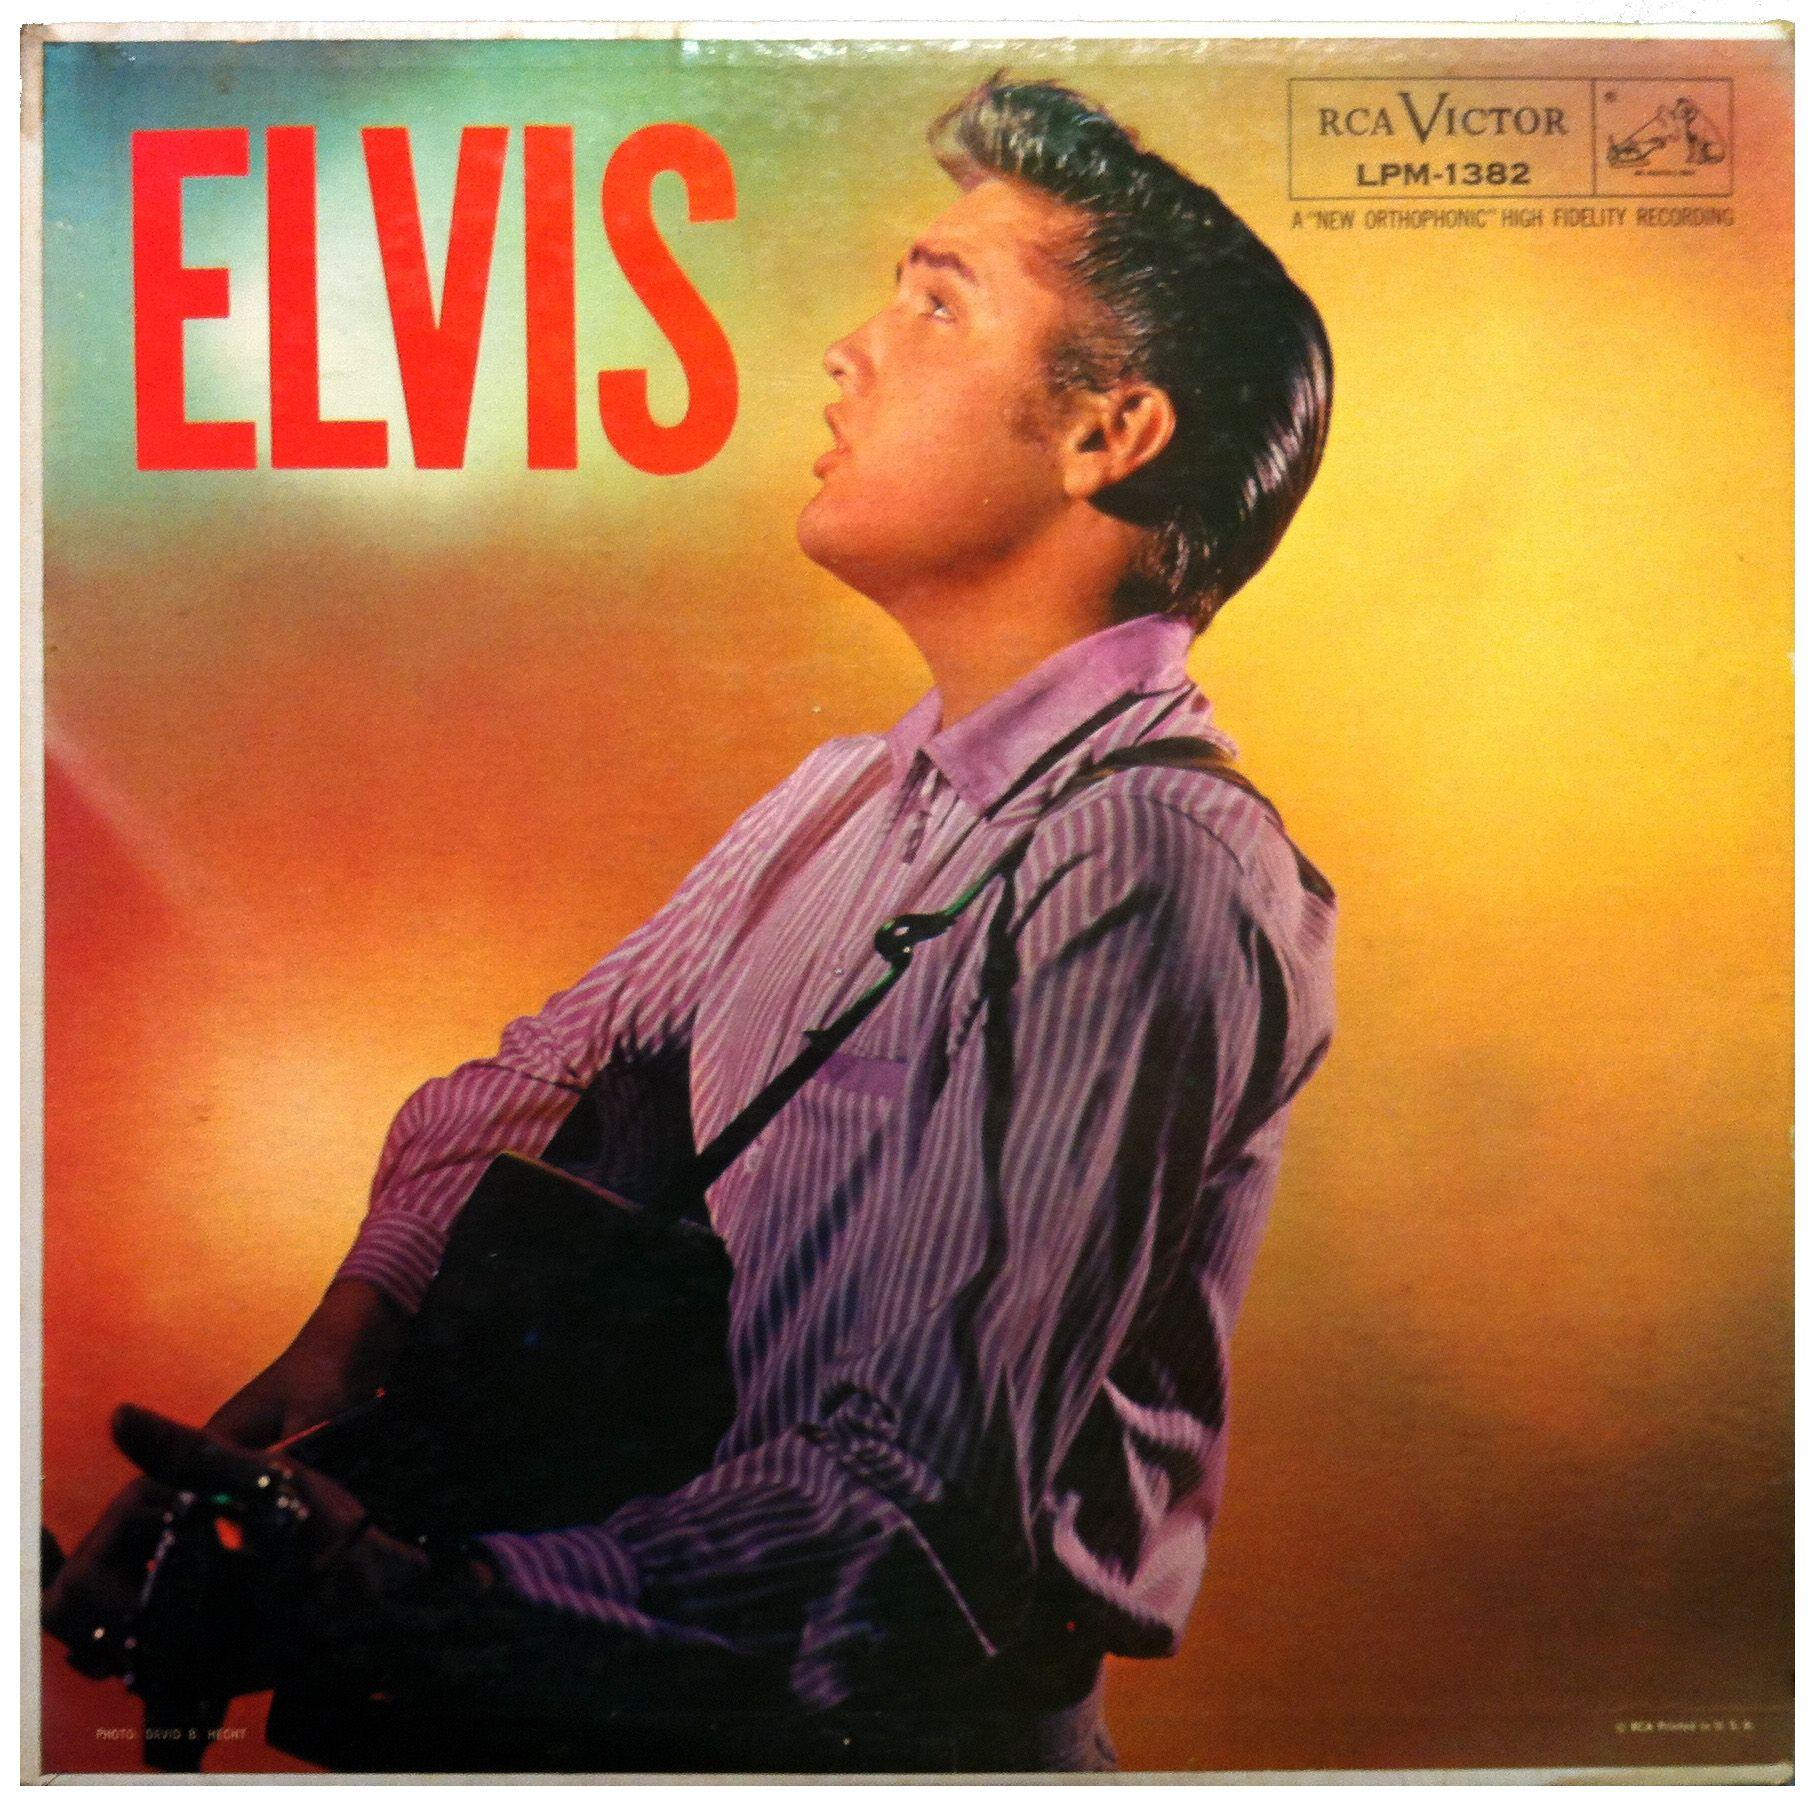 My favorite Elvis album cover | Album Cover Art ...